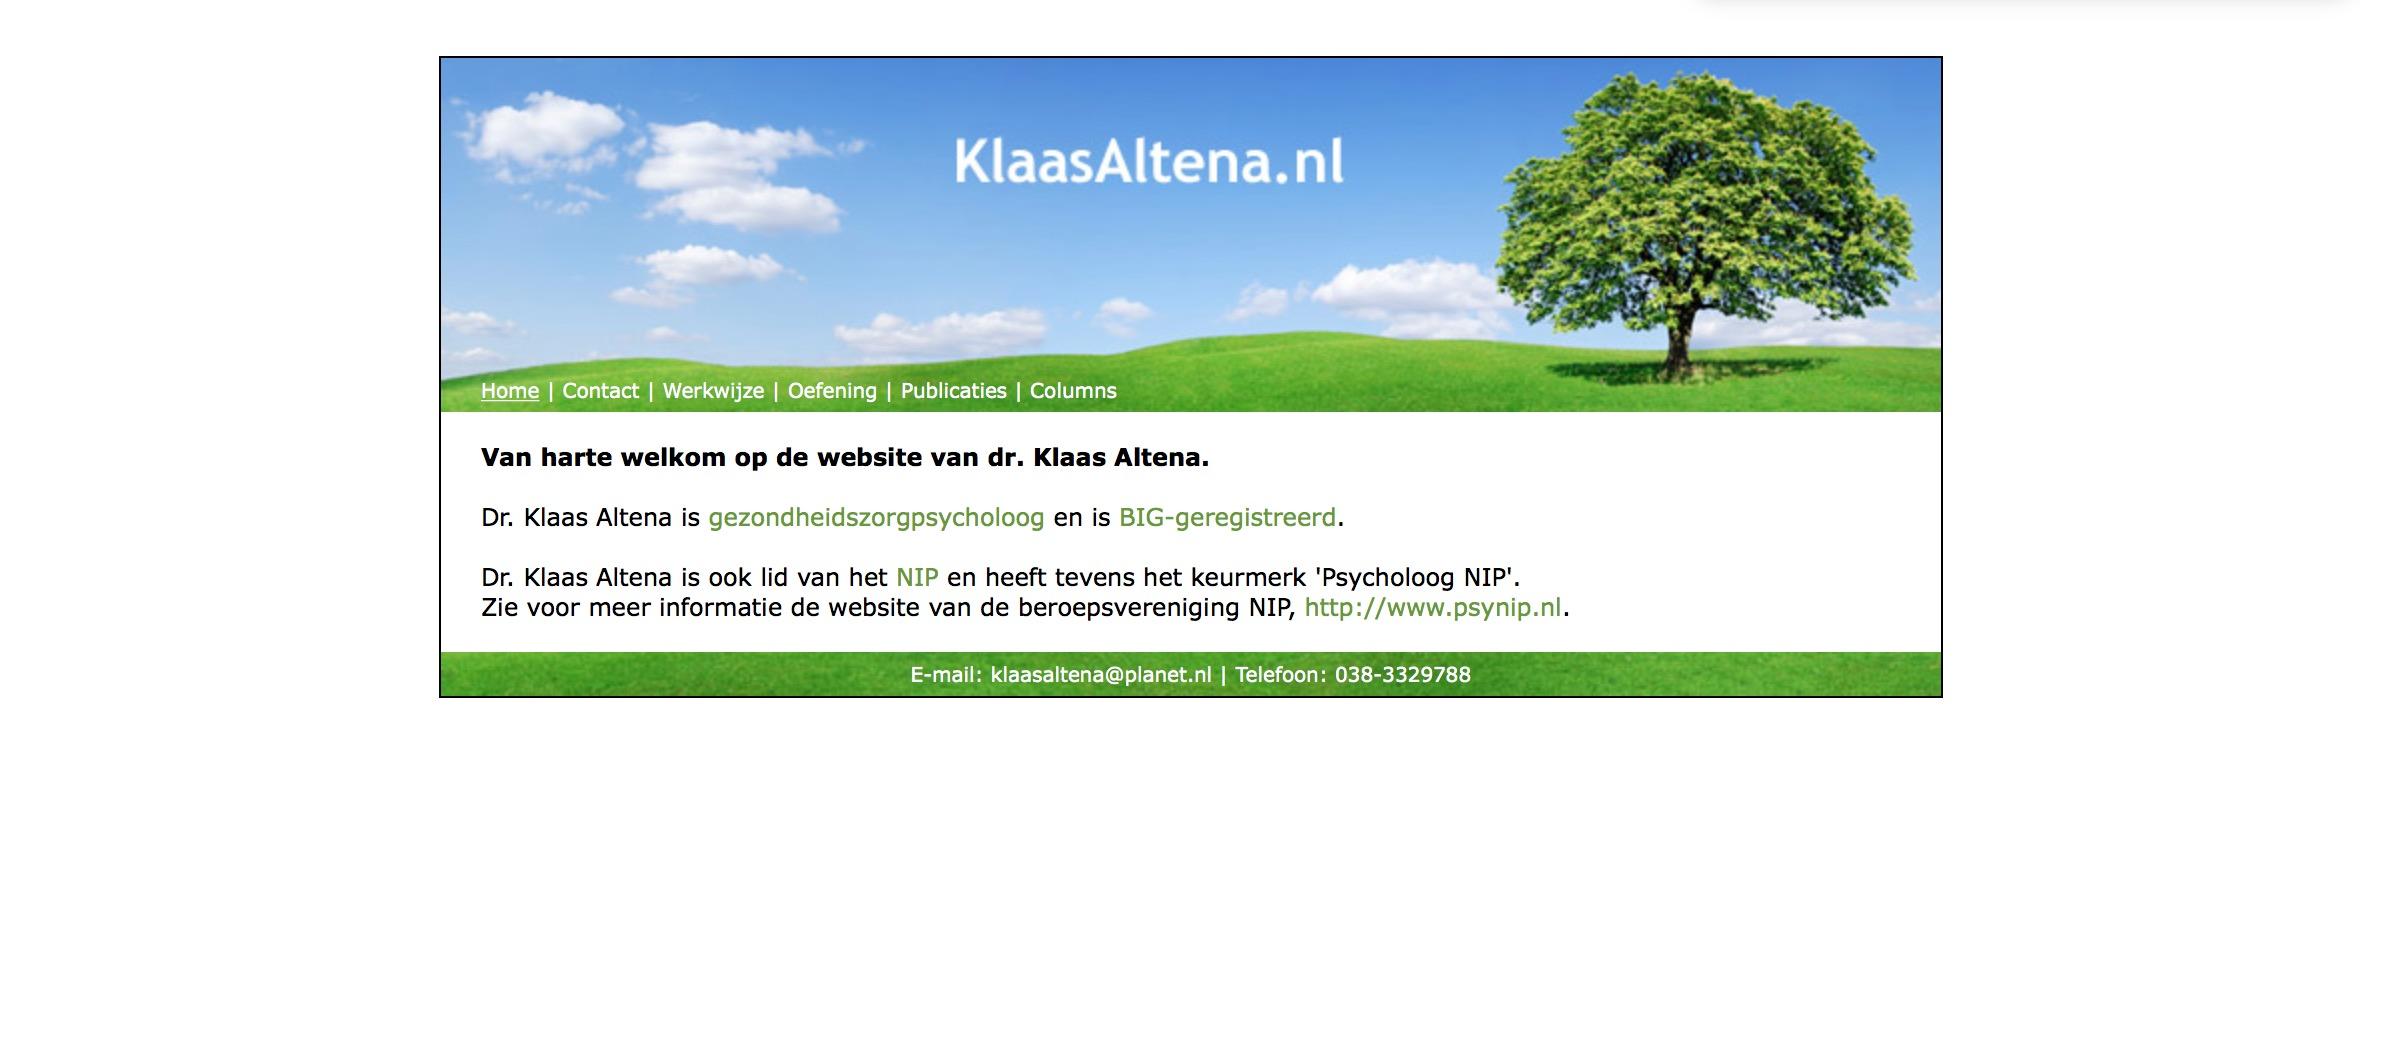 Klaas Altena